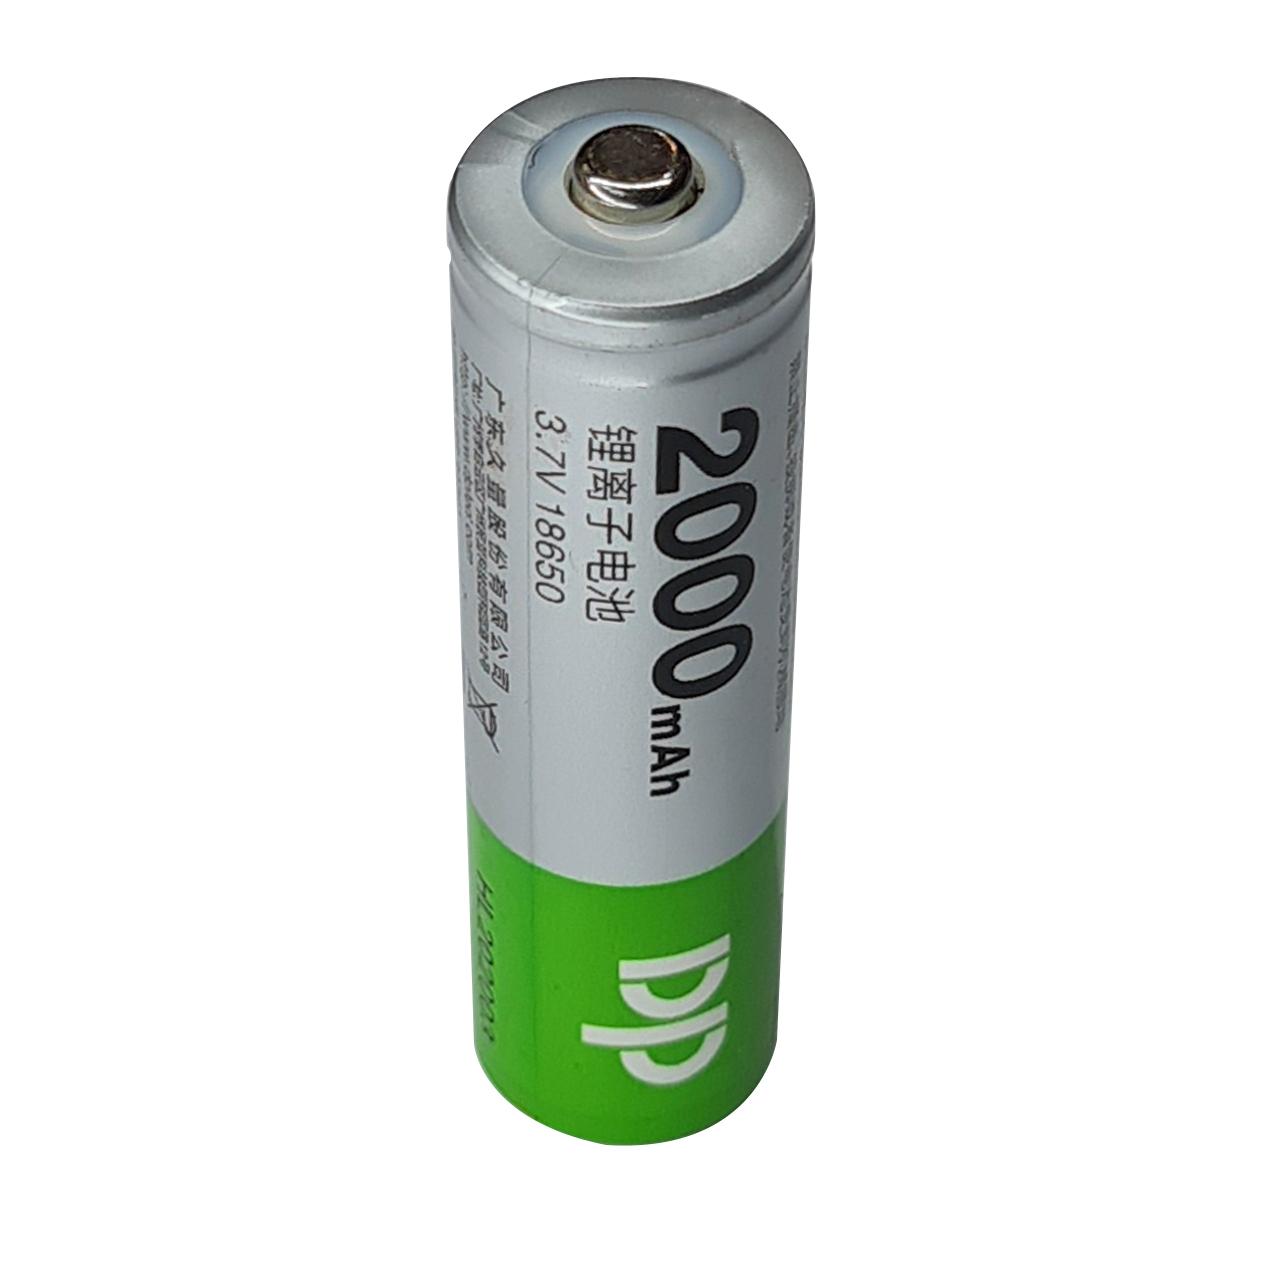 بررسی و {خرید با تخفیف} باتری لیتیوم یون قابل شارژ دی پی کد 18650 ظرفیت 2000 میلی آمپرساعت اصل